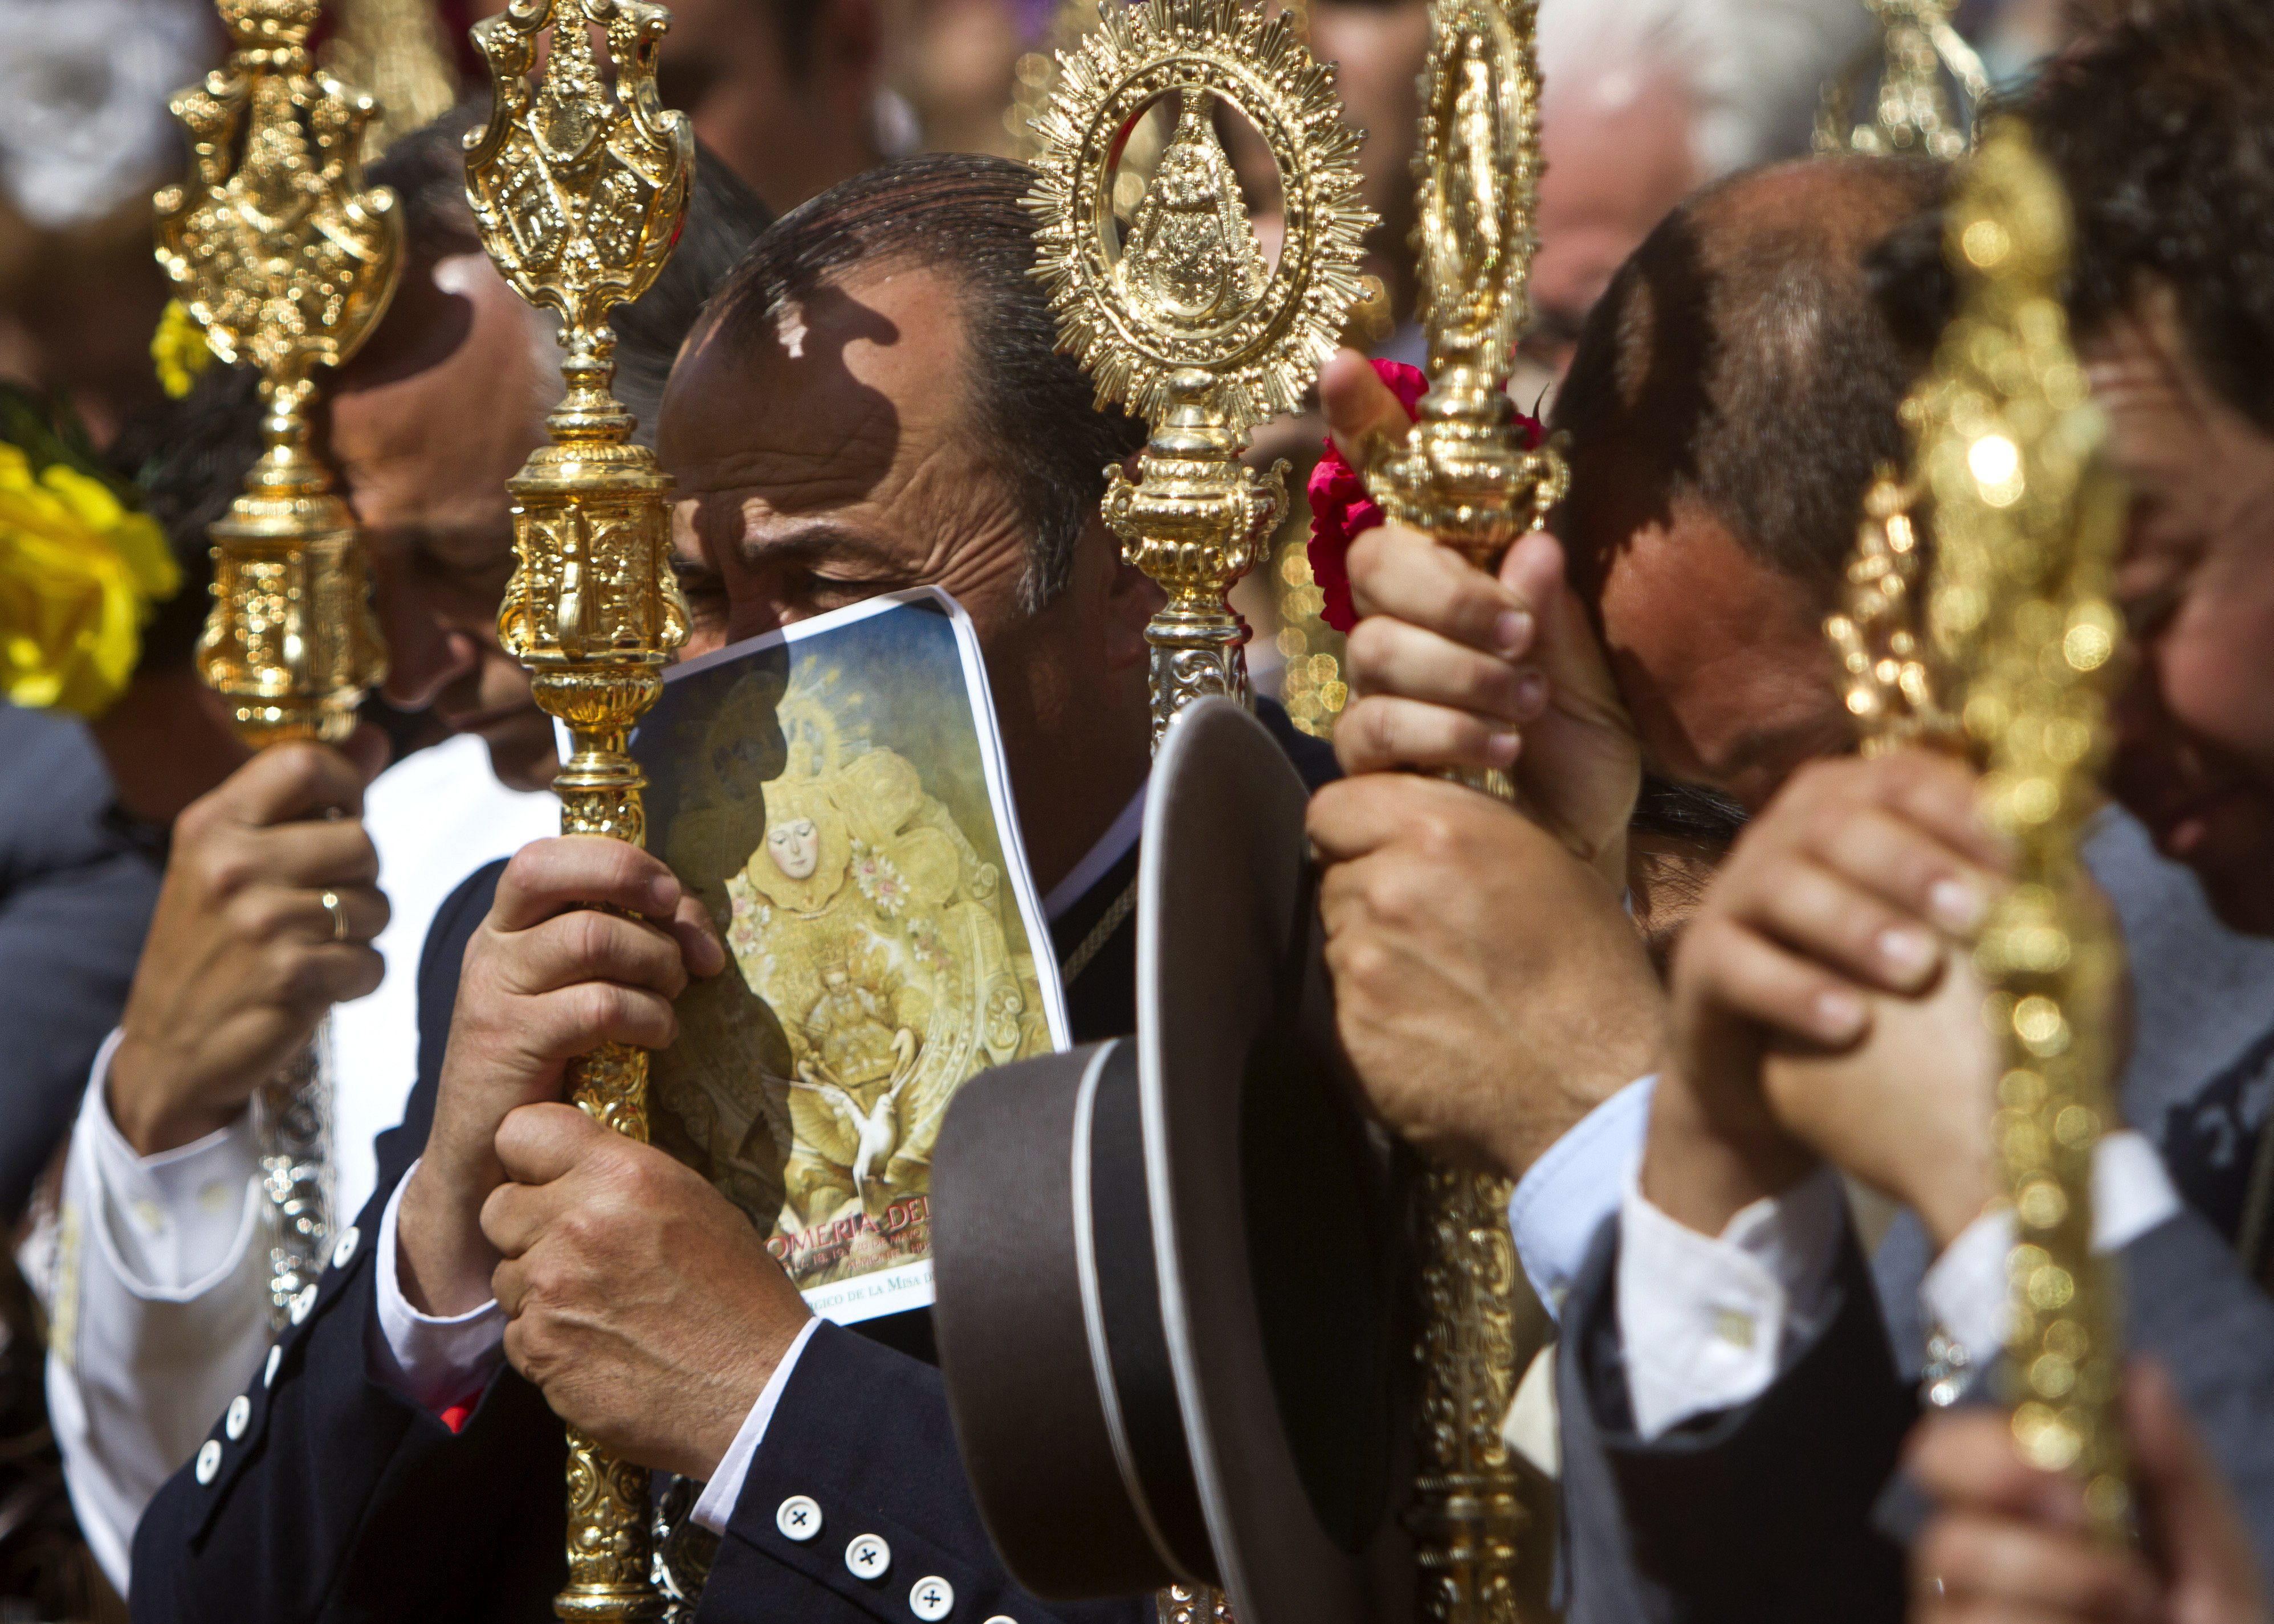 La Blanca Paloma vuelve a su Santuario a las 10.30 tras 7 horas de procesión